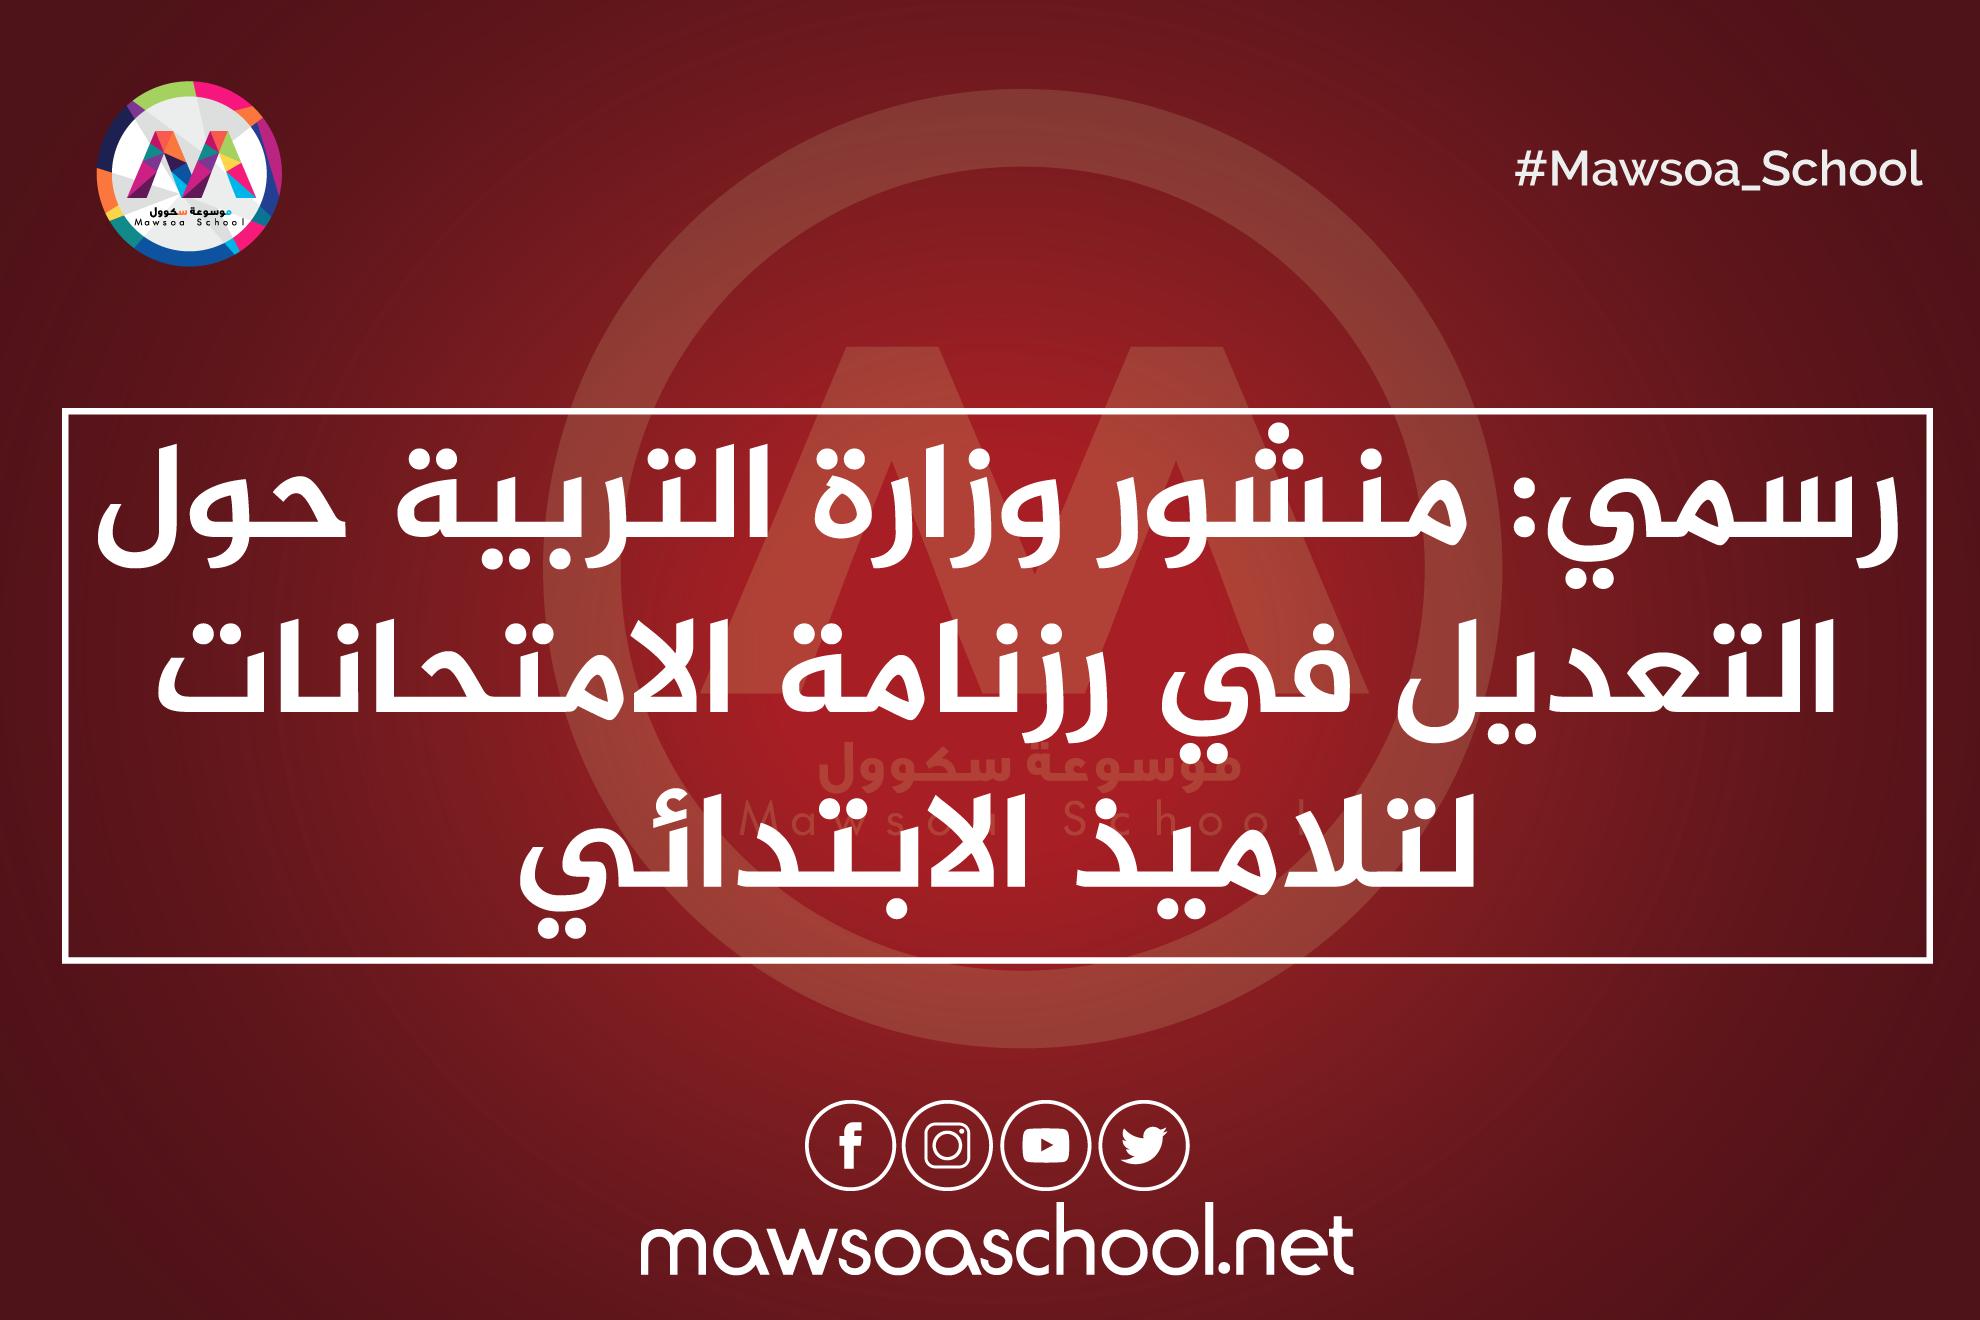 رسمي: منشور وزارة التربية حول التعديل في رزنامة الامتحانات لتلاميذ الابتدائي